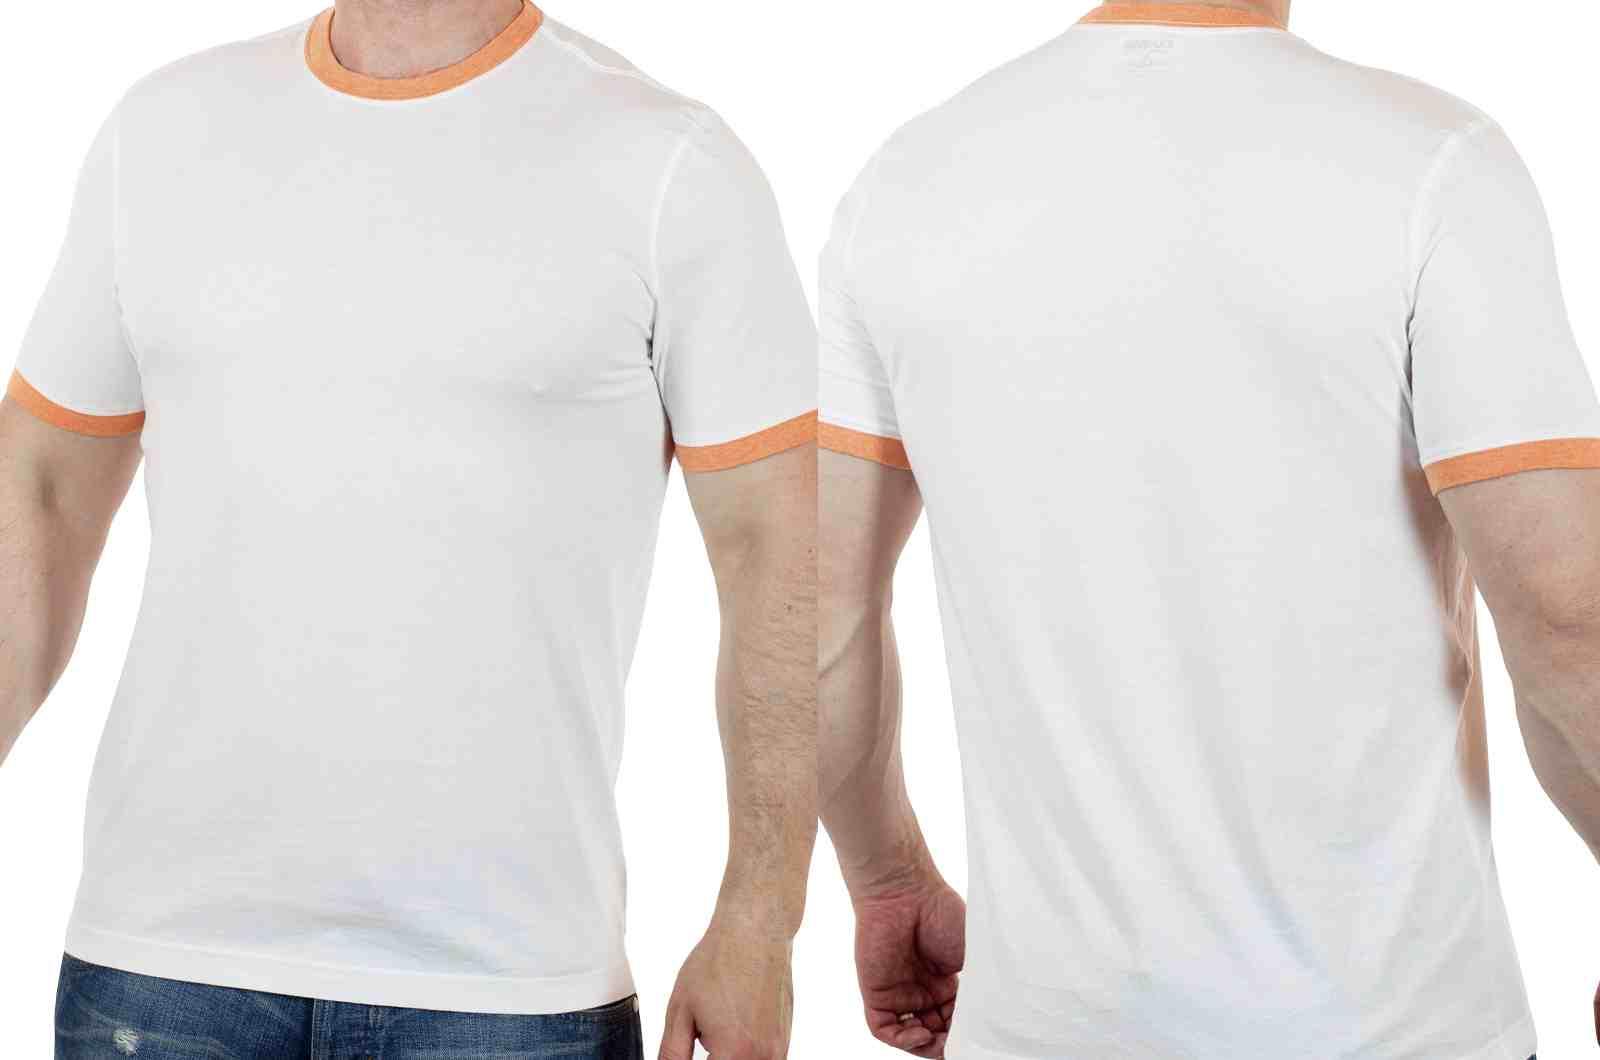 Мужская футболка Express - классика из США-двойной ракурс